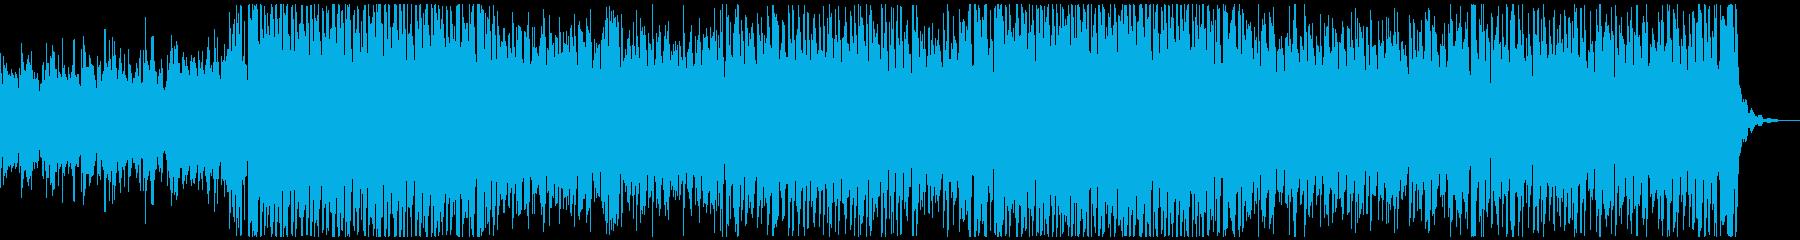 陽気な口笛のトロピカルハウスの再生済みの波形